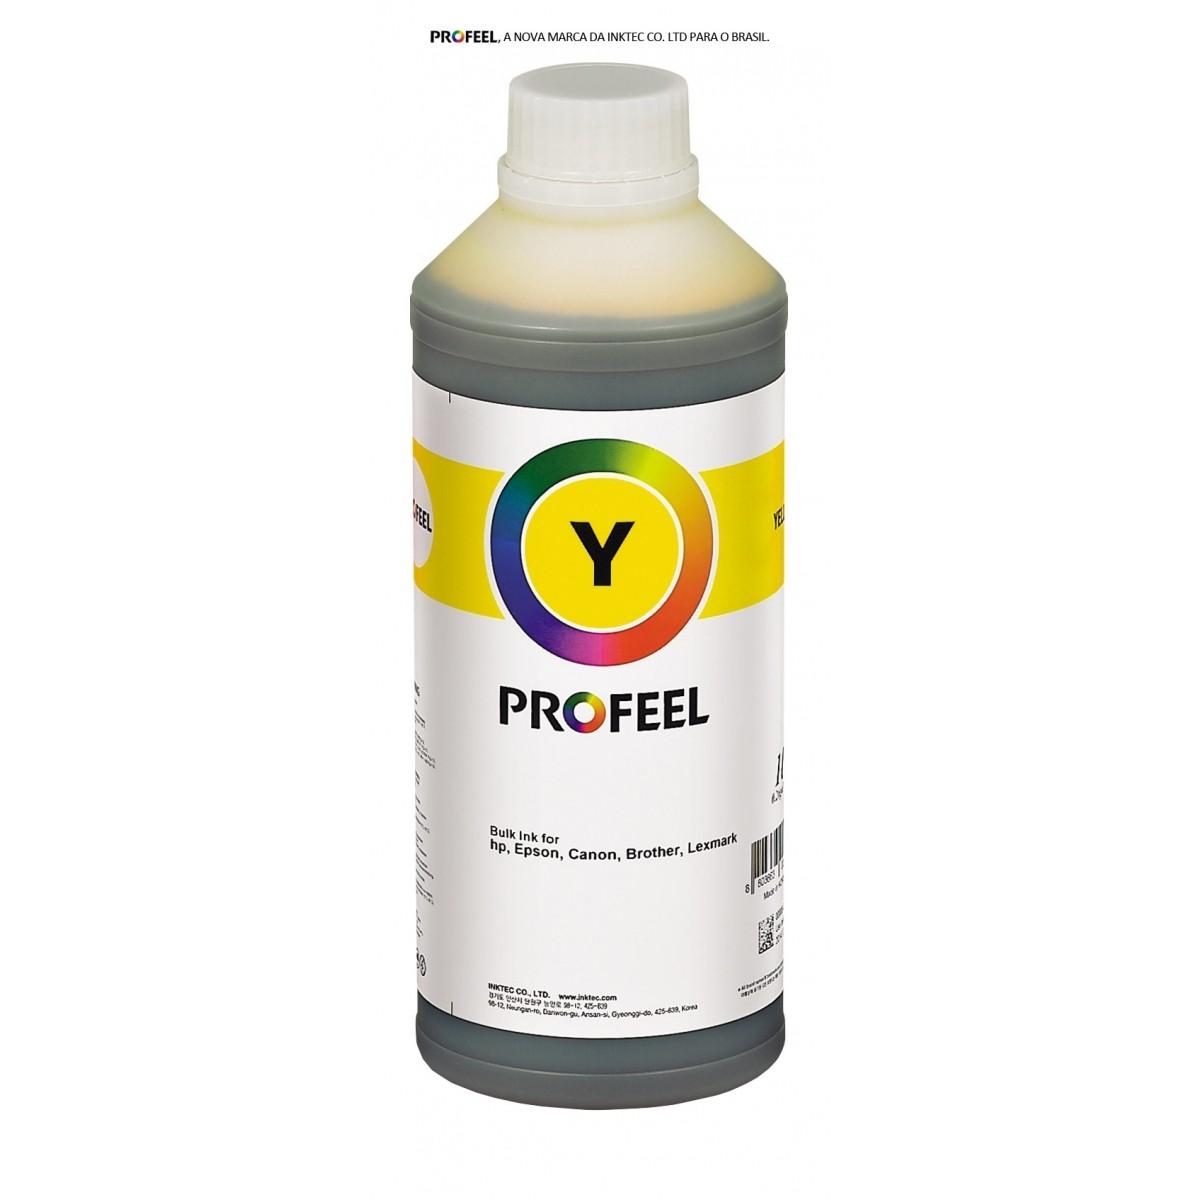 Tinta corante InkTec Profeel modelo H5852-01LY | Frasco de 1 litro | Cor : Amarela